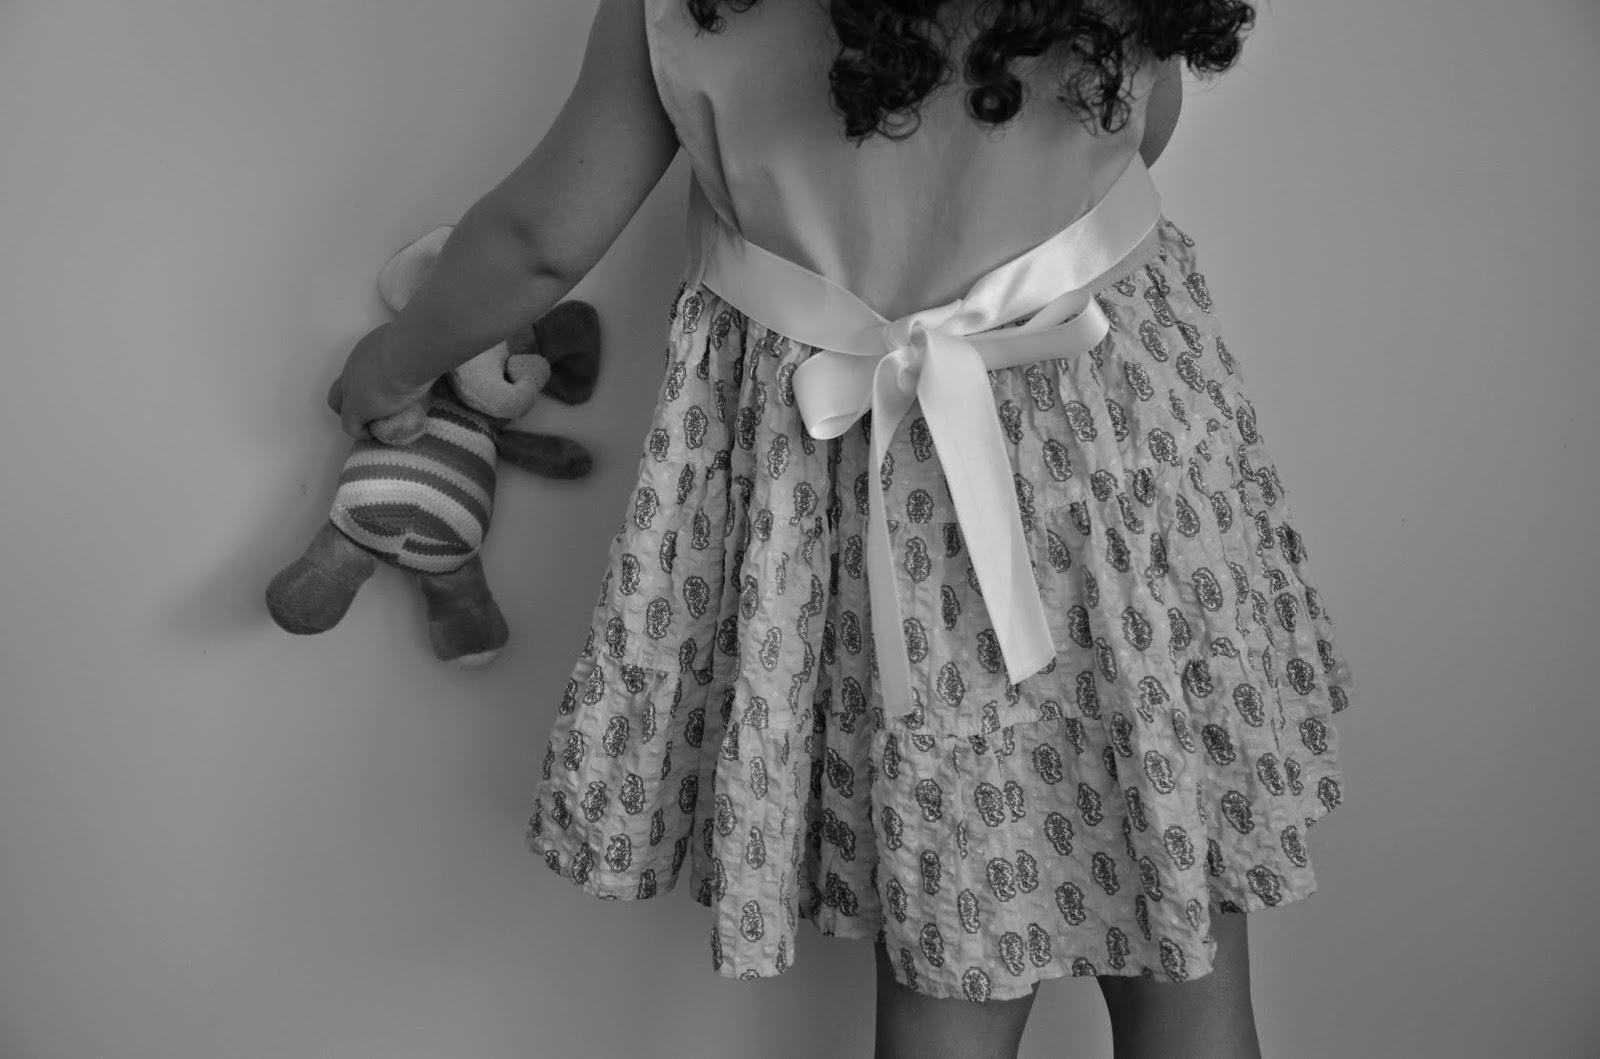 Handmade dress for a preschooler